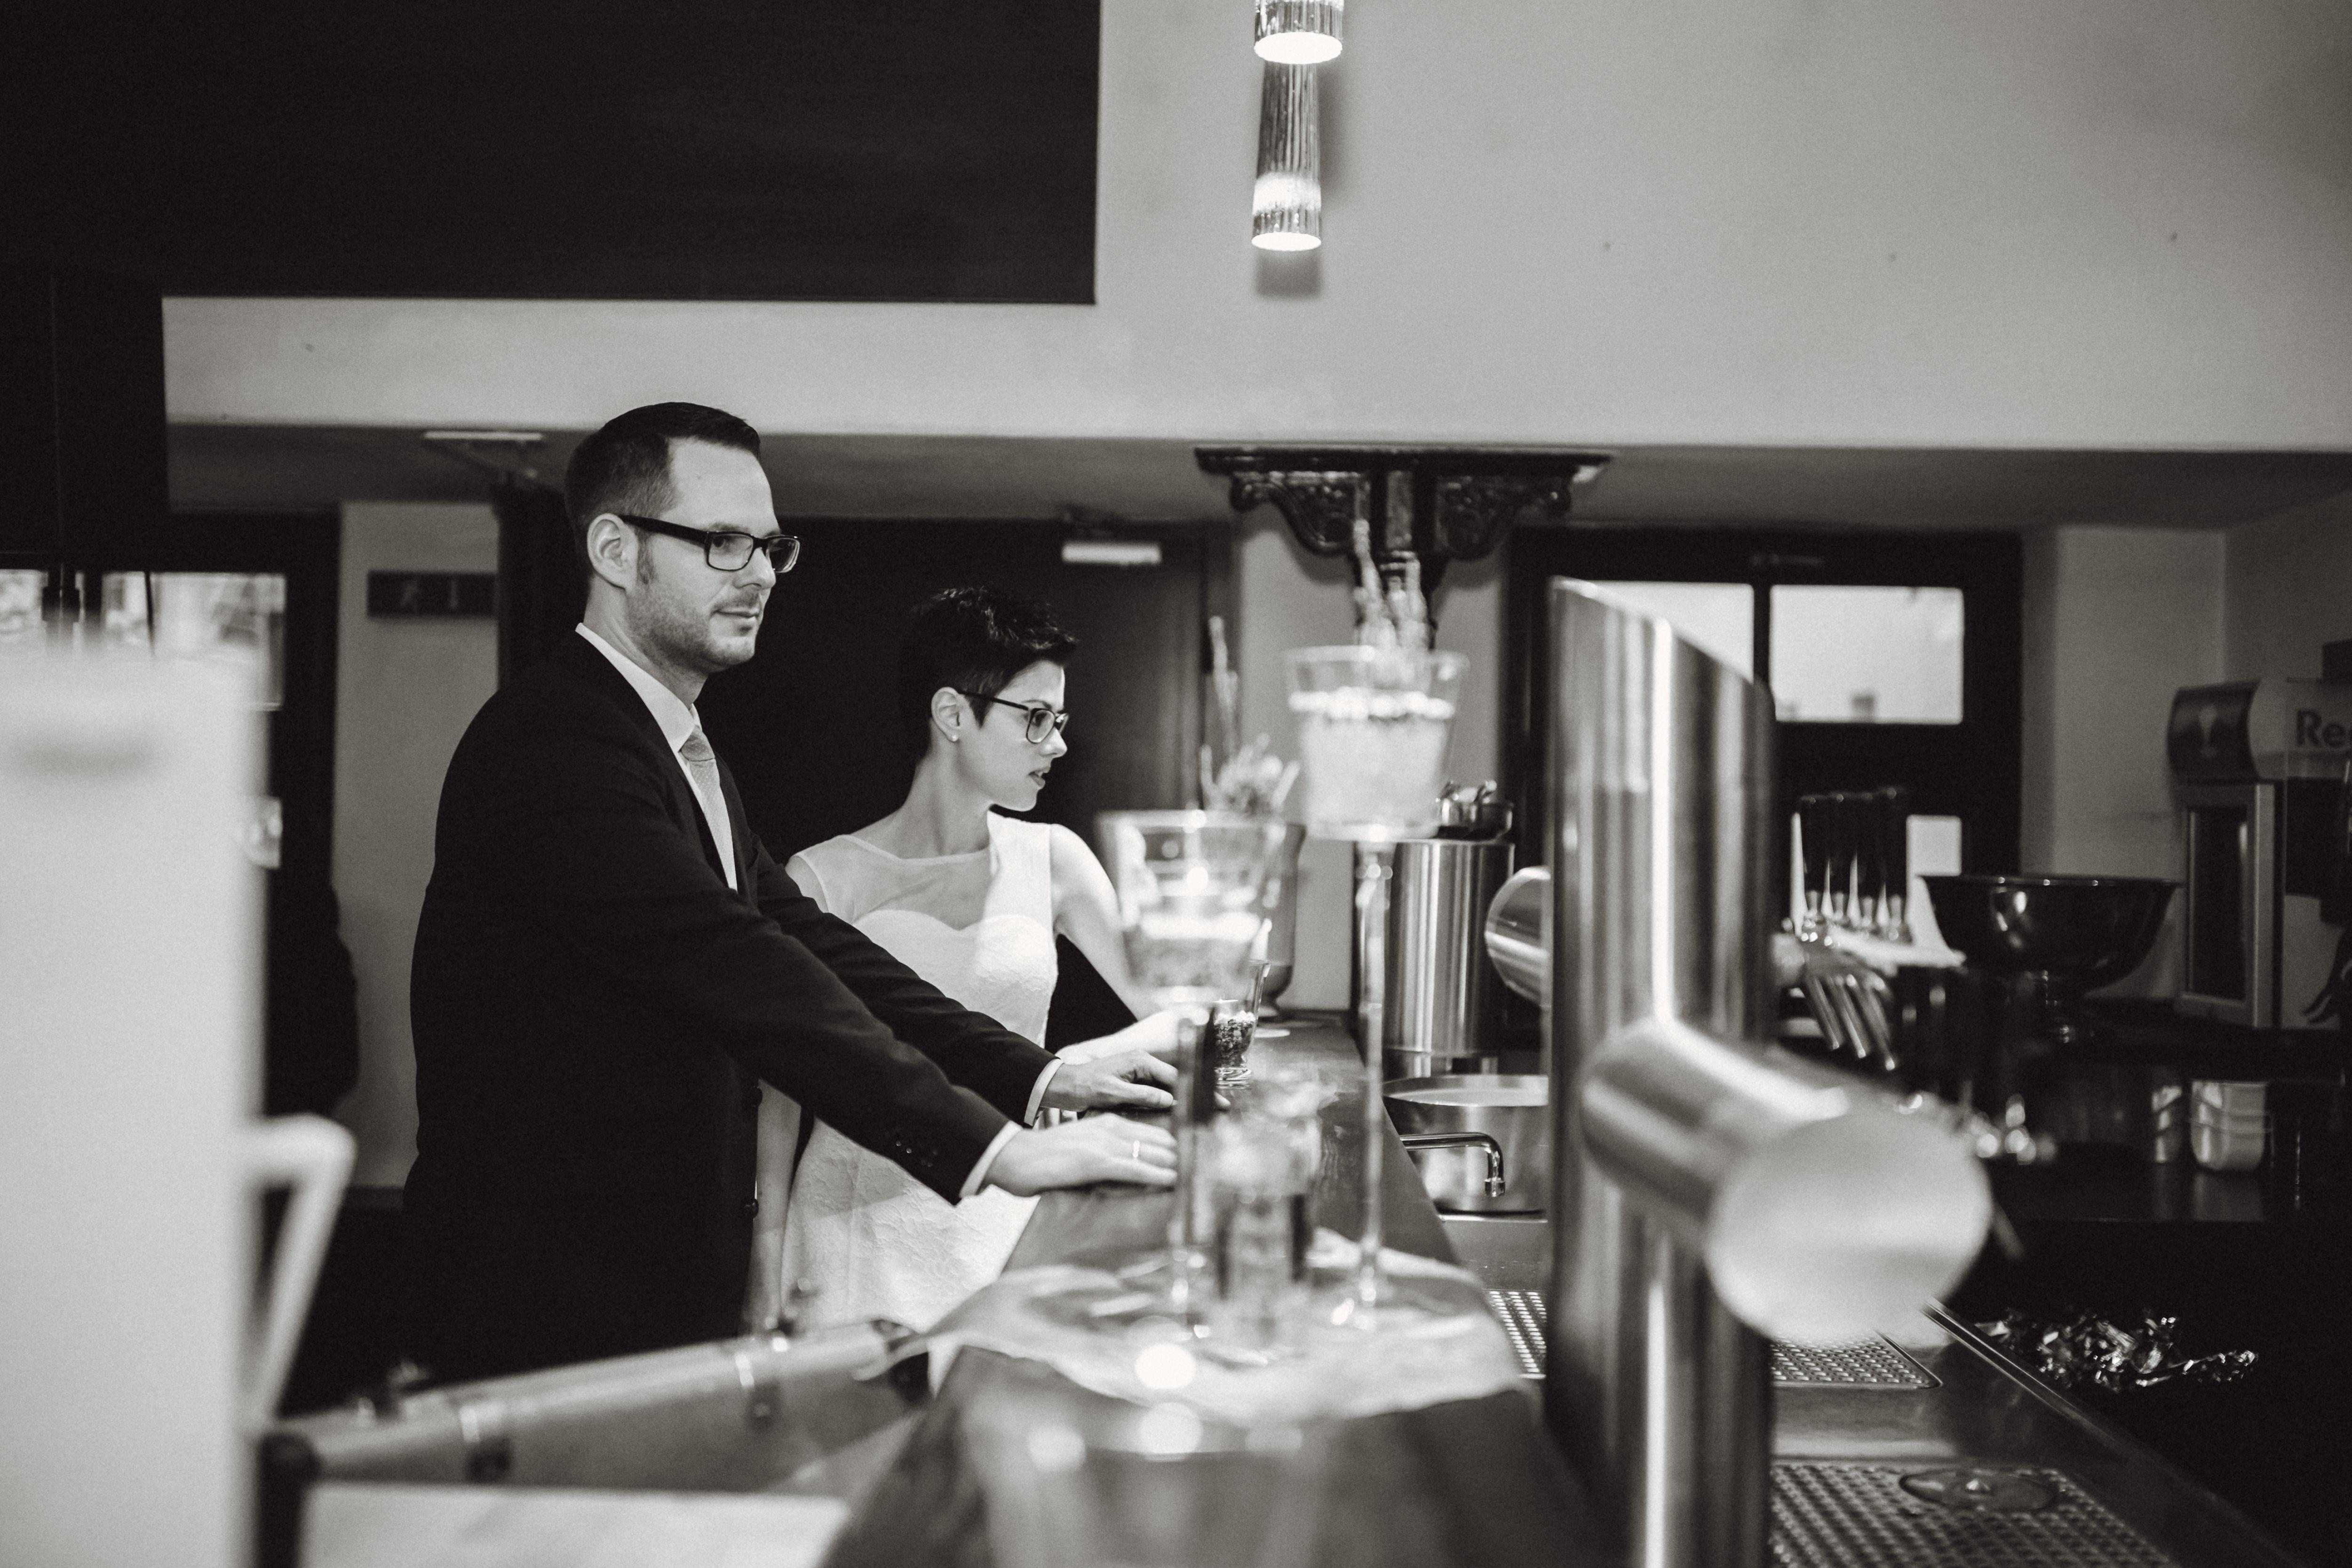 URBANERIE_Daniela_Goth_Hochzeitsfotografin_Nürnberg_Fürth_Erlangen_Schwabach_171028_0117